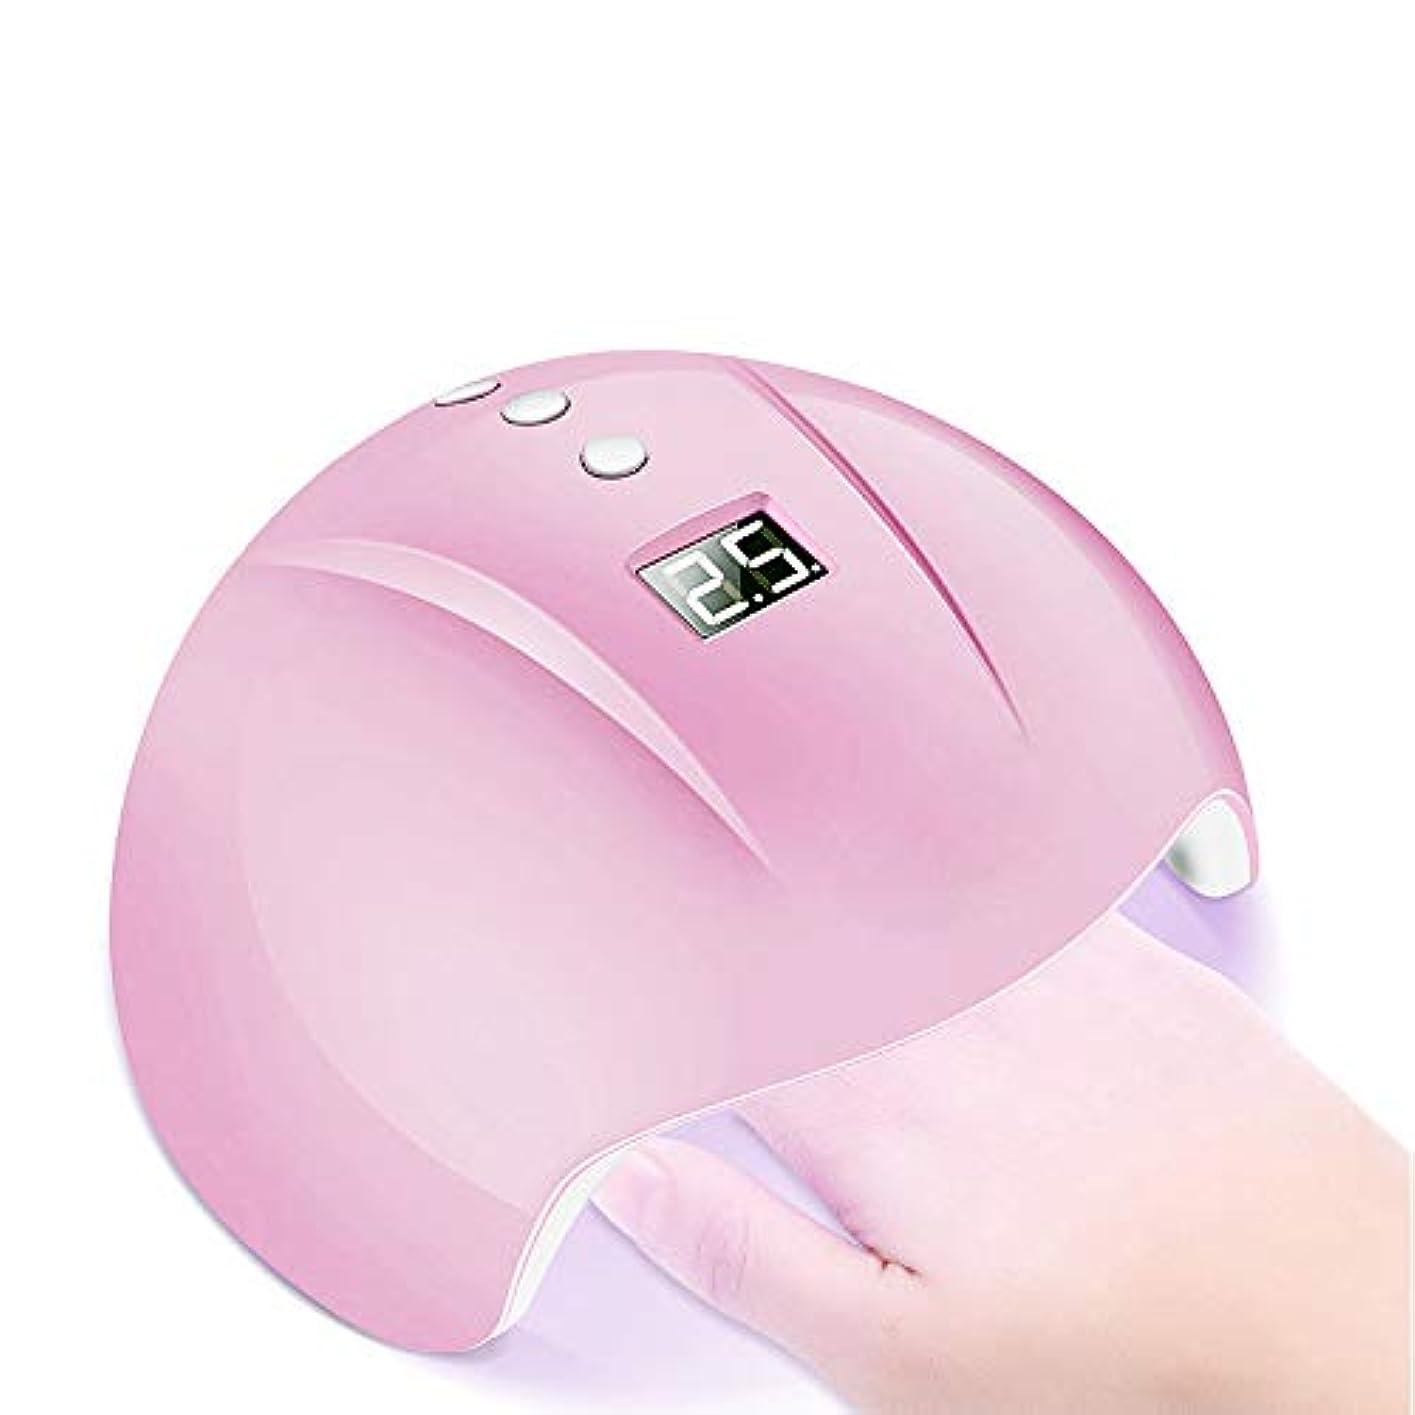 バインド即席笑ネイルライト36W UV LEDネイルドライヤー痛みのない硬化光で自動誘導LEDディスプレイ3タイマーセットネイルとトゥネイルジェルポリッシュ